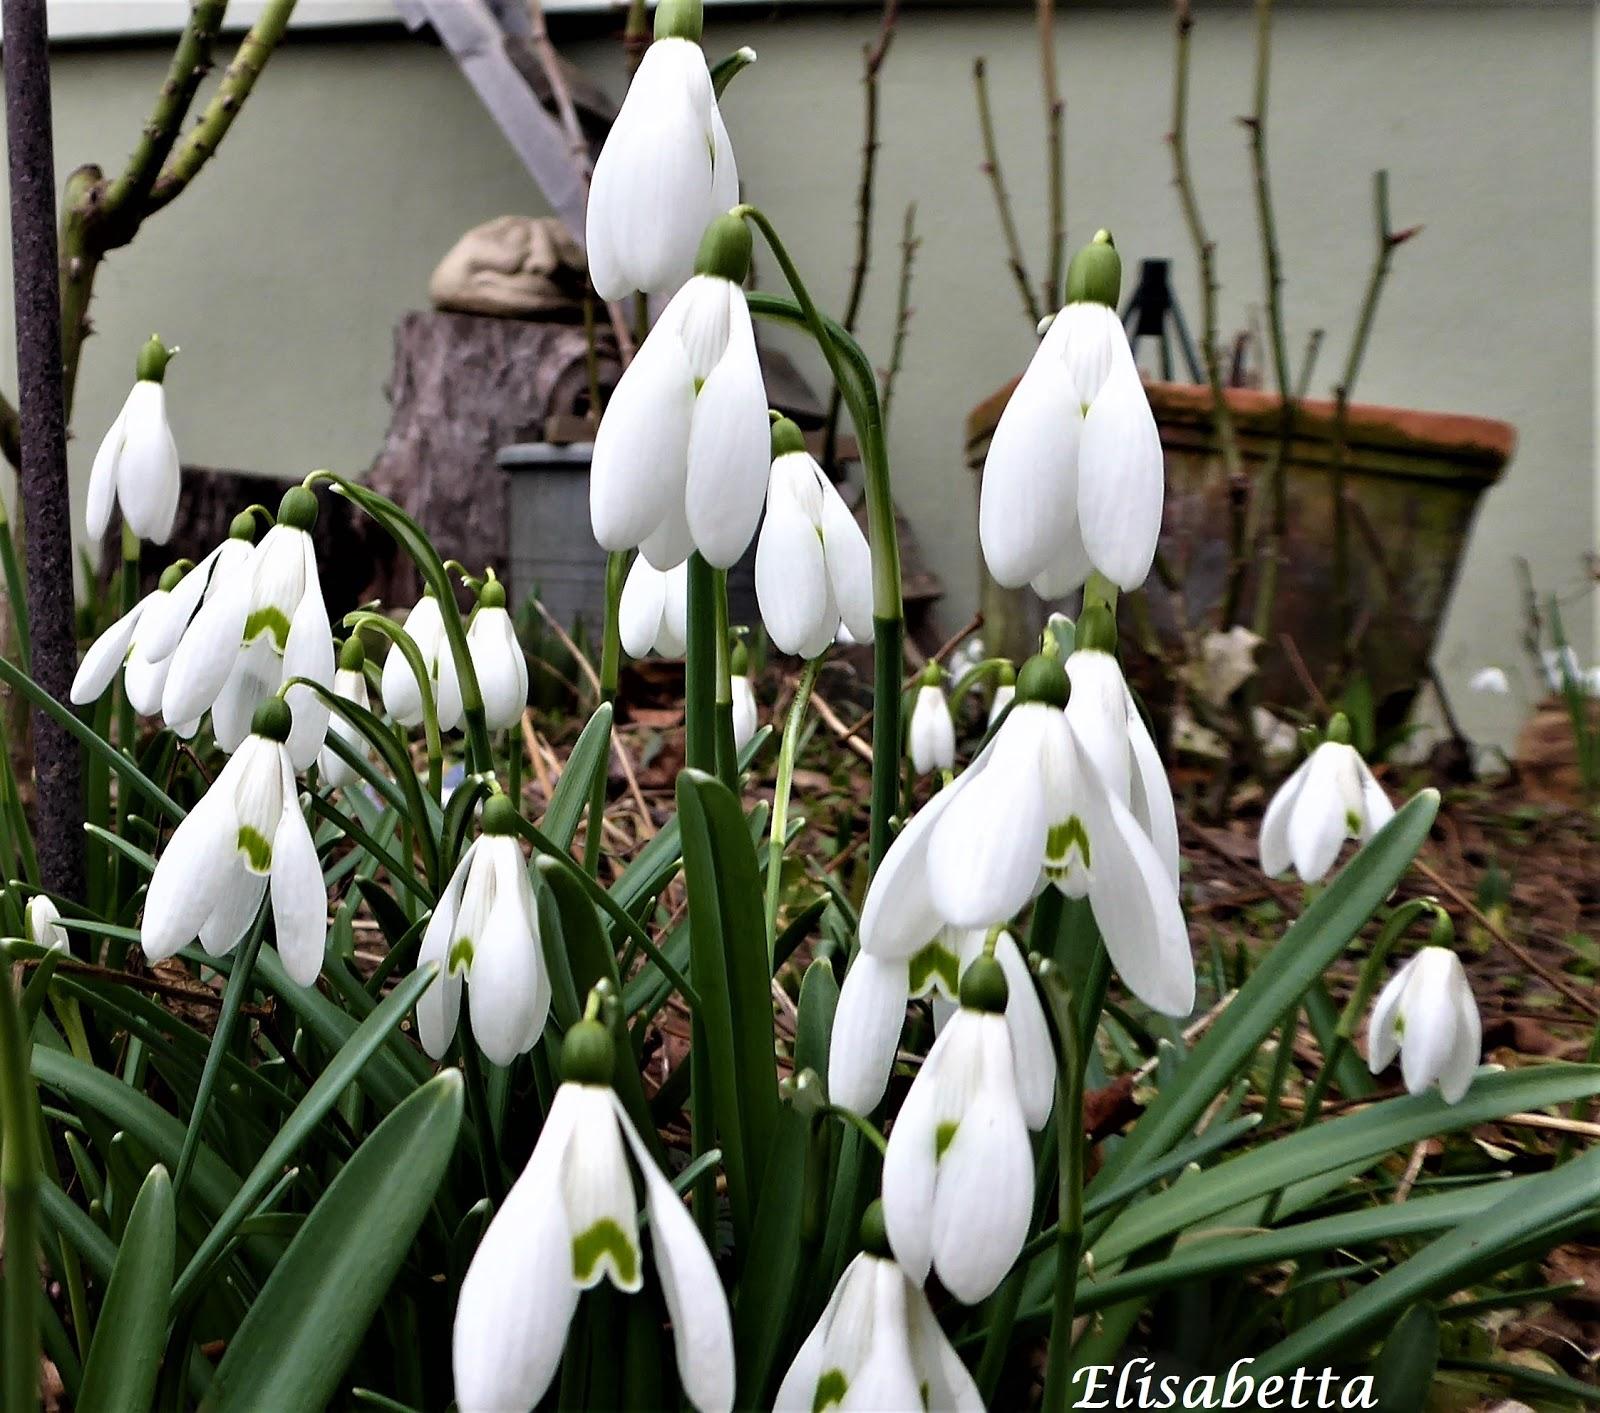 Morgen Ist Alles Anders Primavera Lente Fruhling Spring